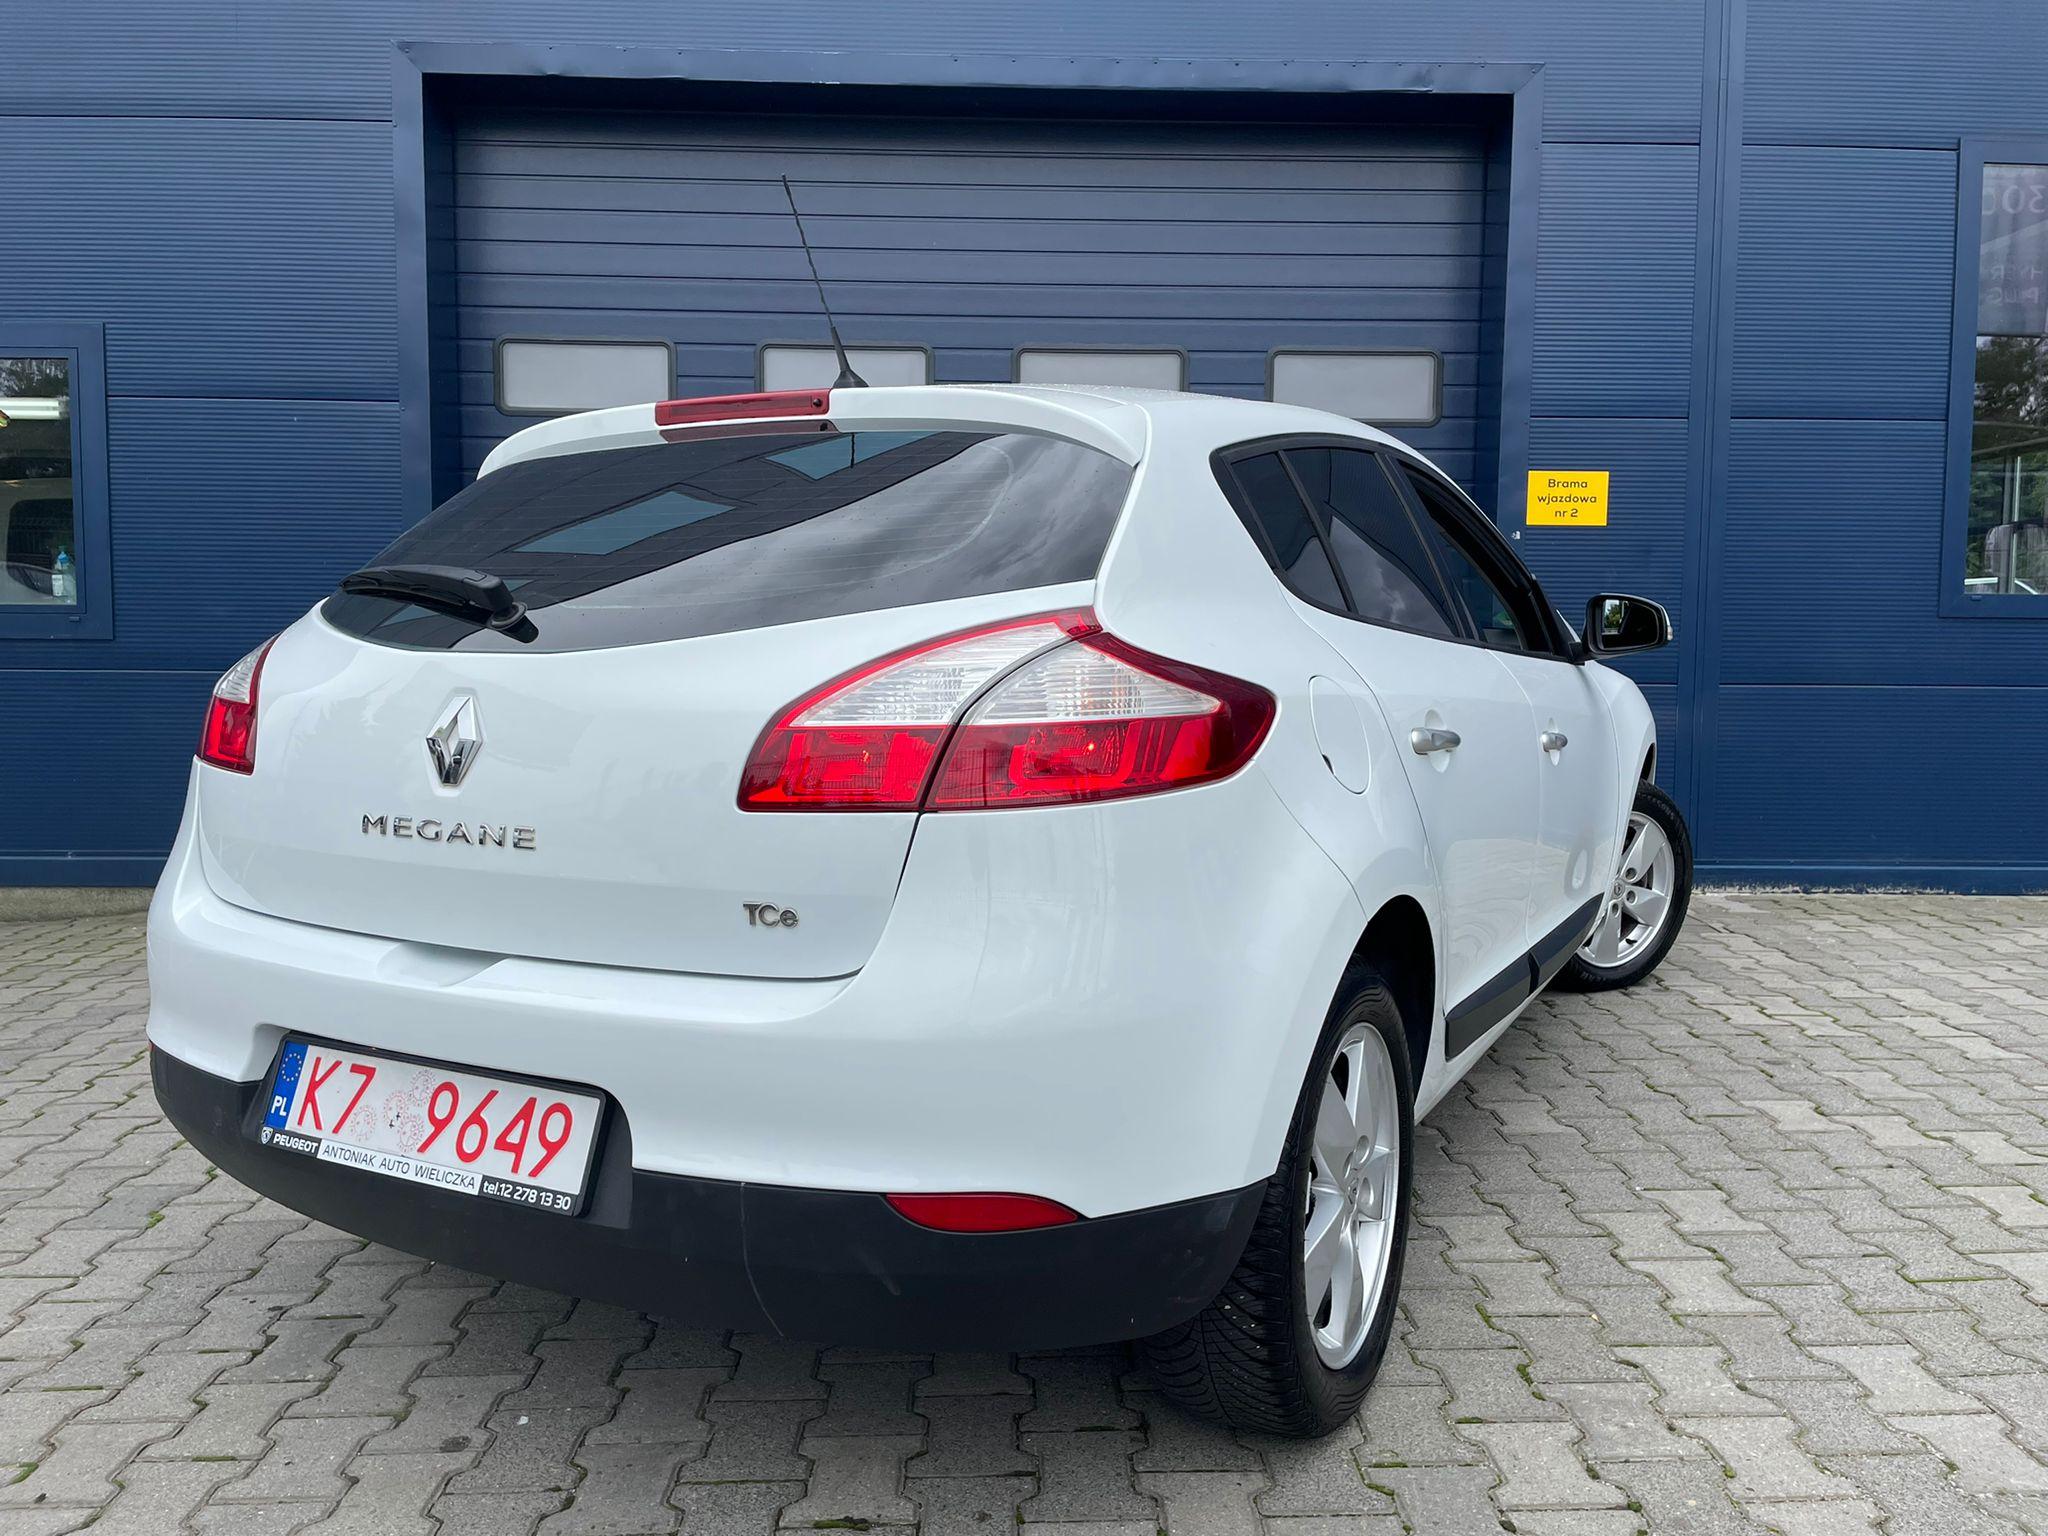 Freemoto - Renault Megane 1.4